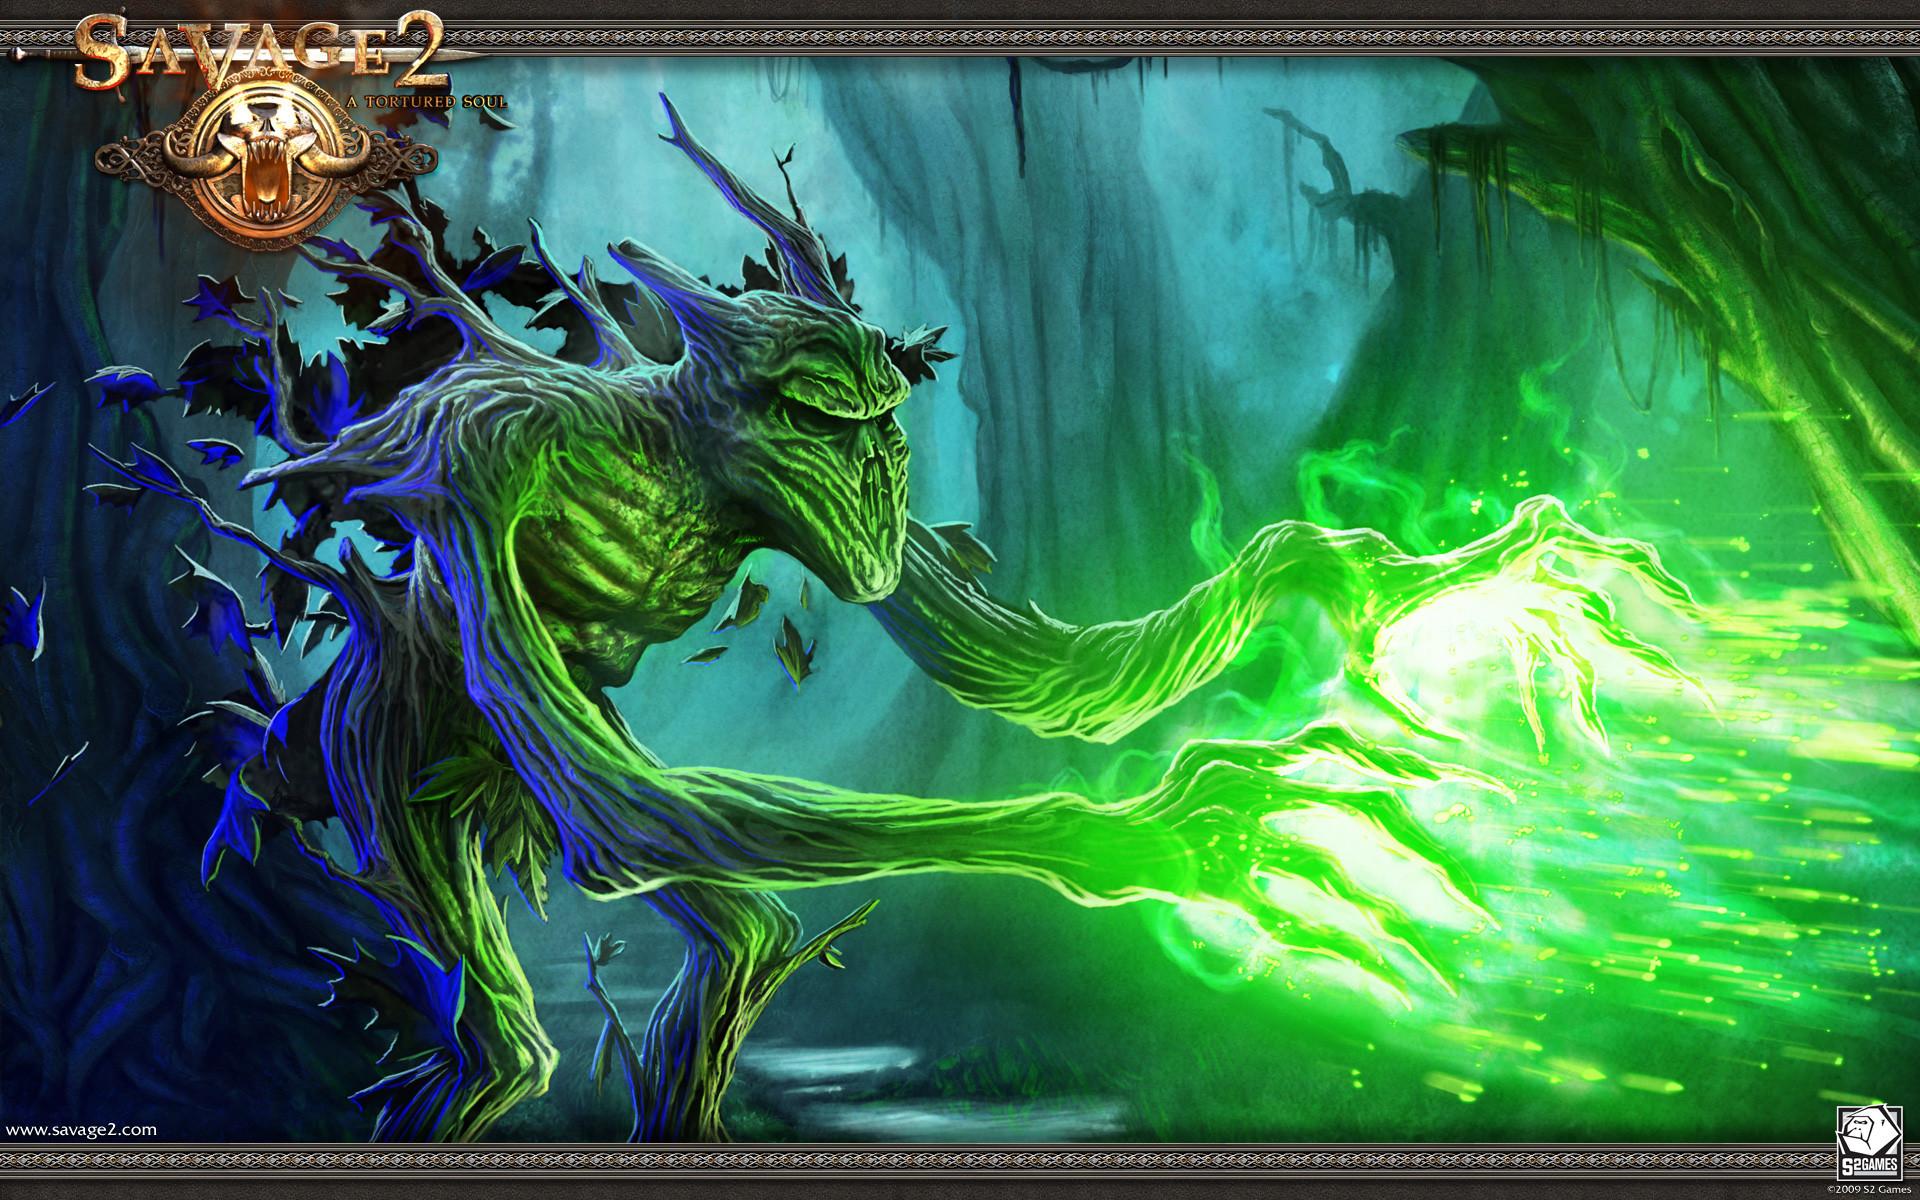 Savage wallpaper 58 images - Fantasy game wallpaper ...